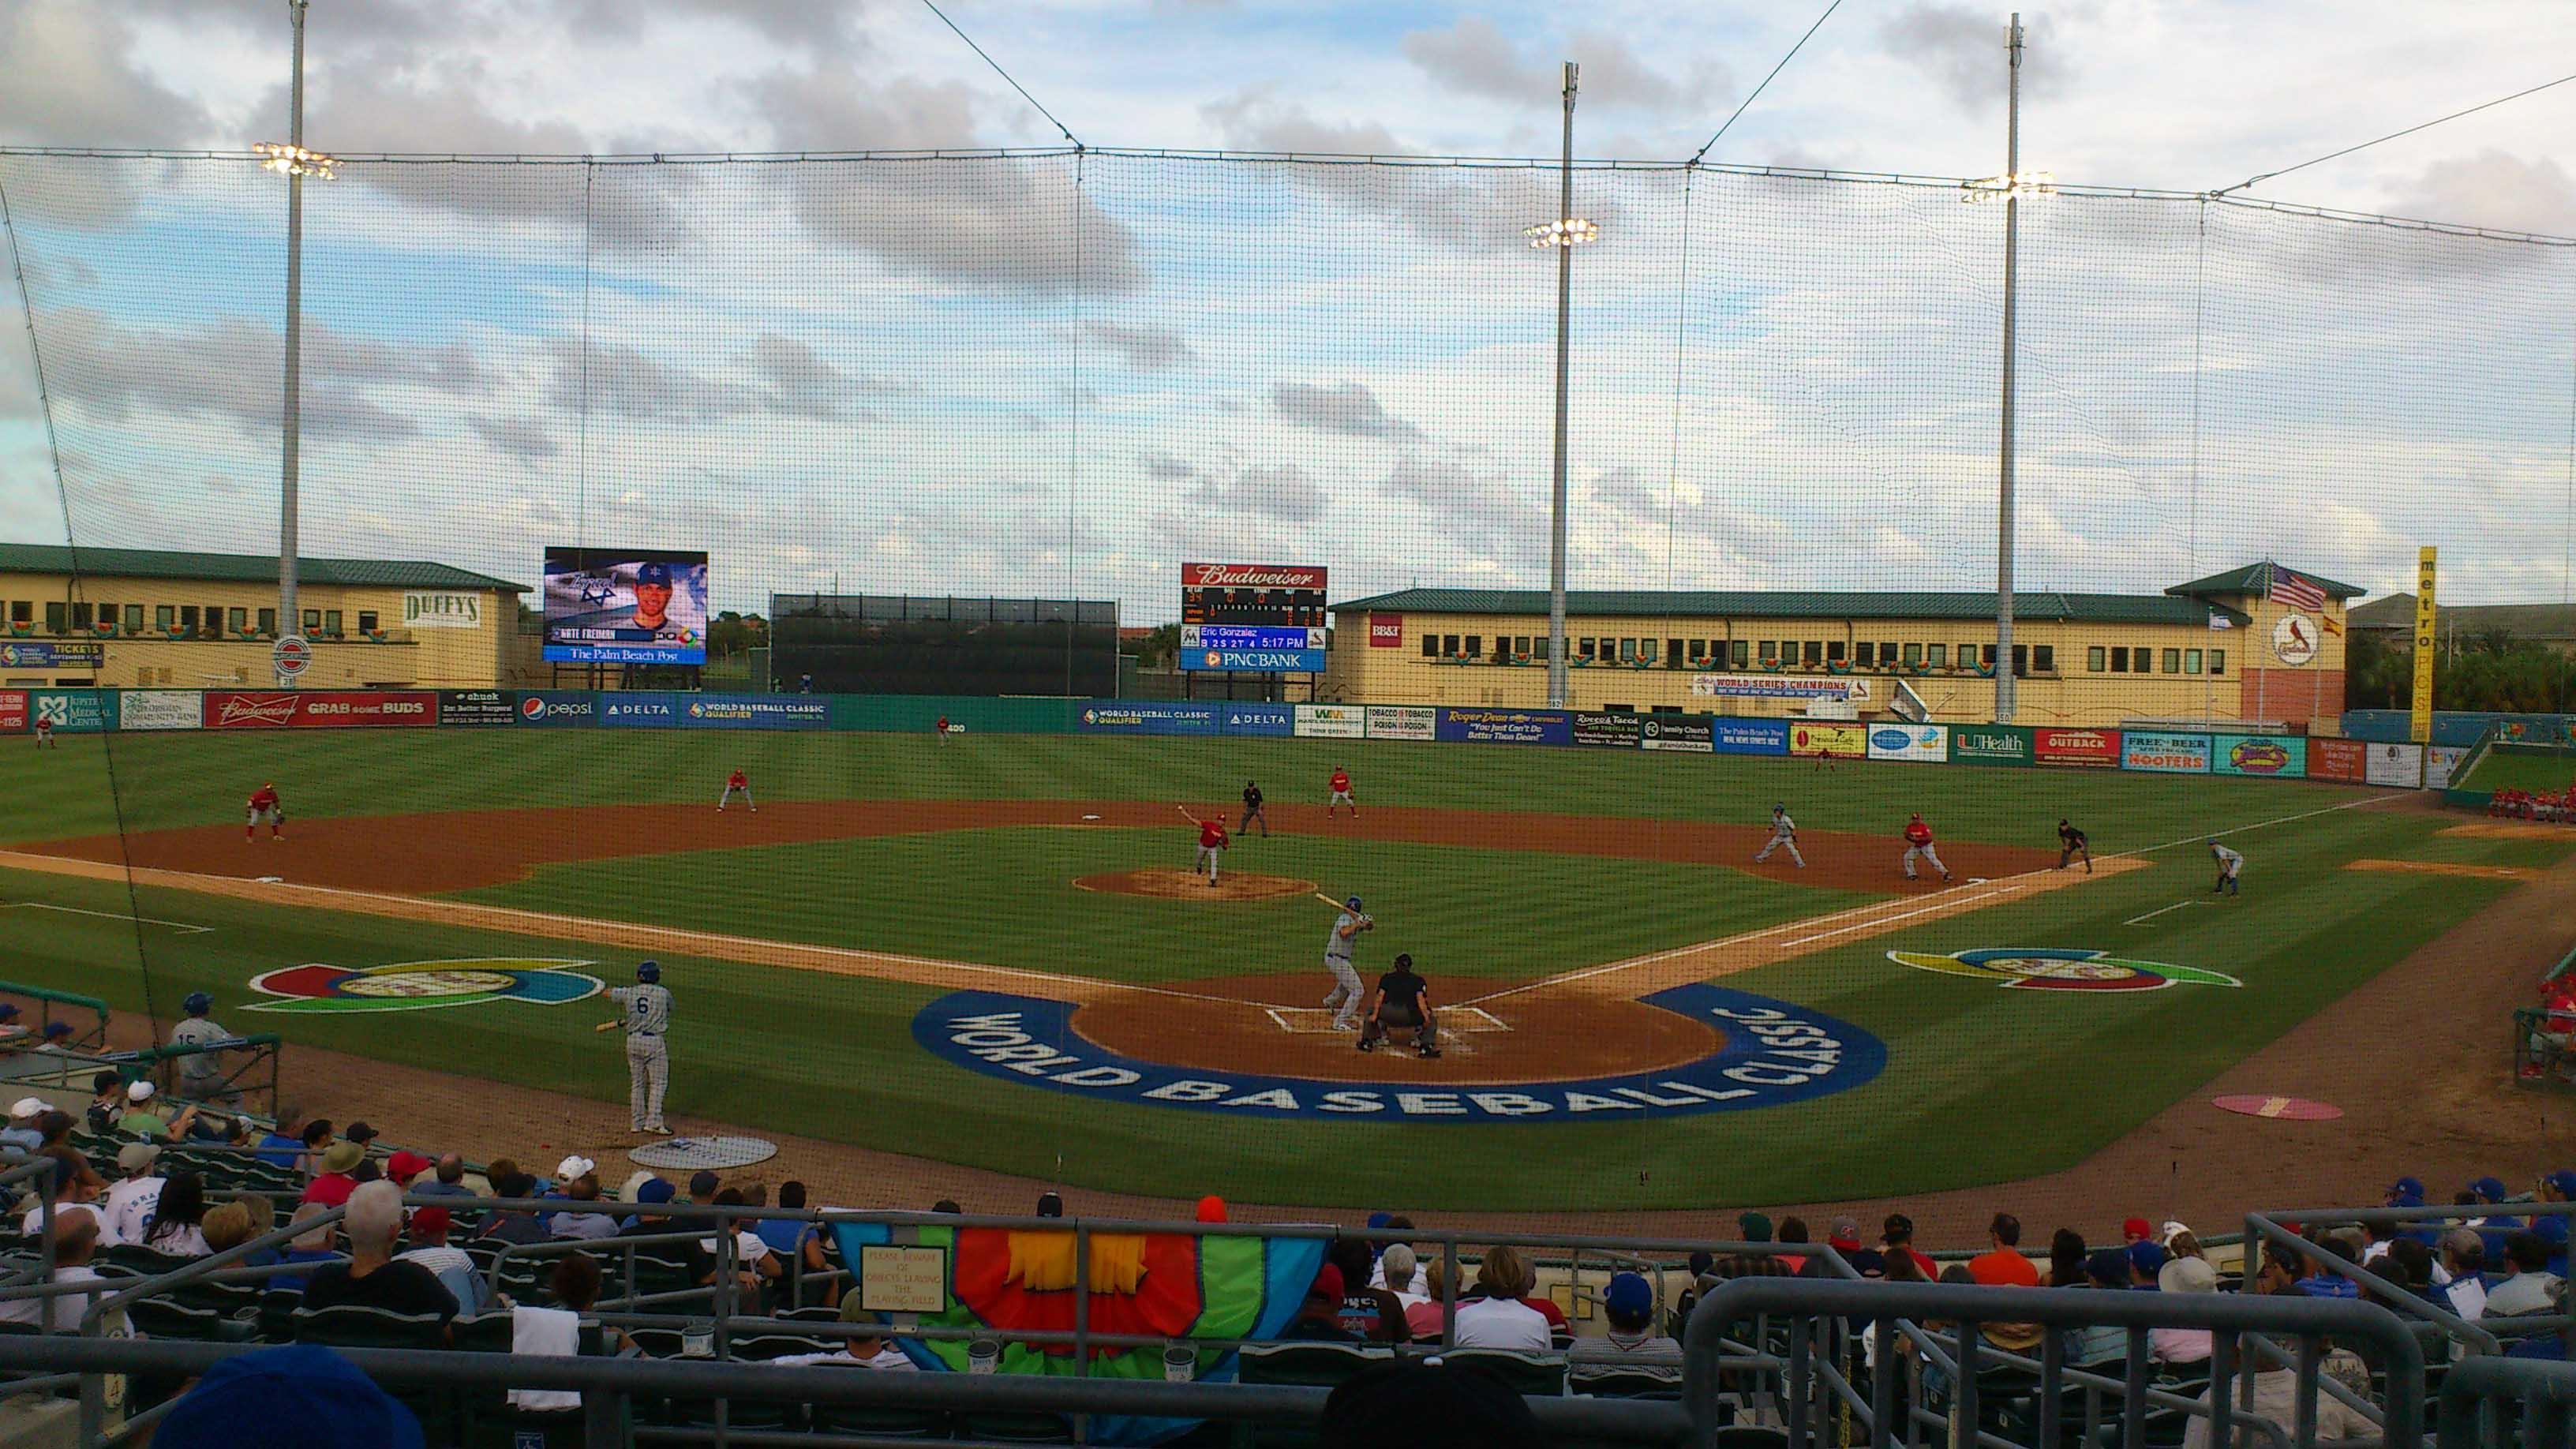 Le magnifique terrain de la World Baseball Classic Qualifier 2013 à Jupiter en Floride (USA)